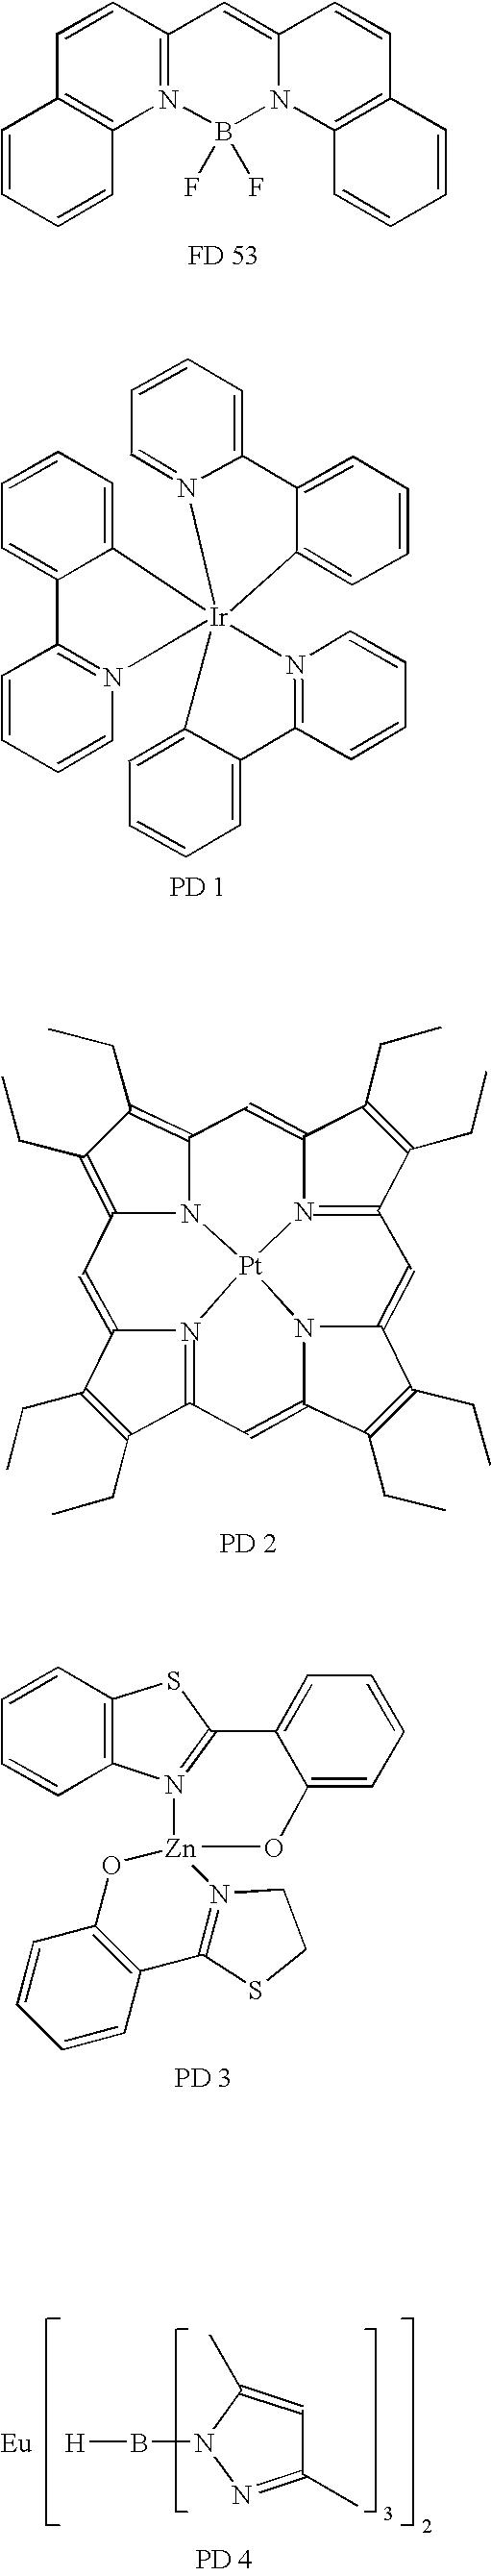 Figure US06849348-20050201-C00118